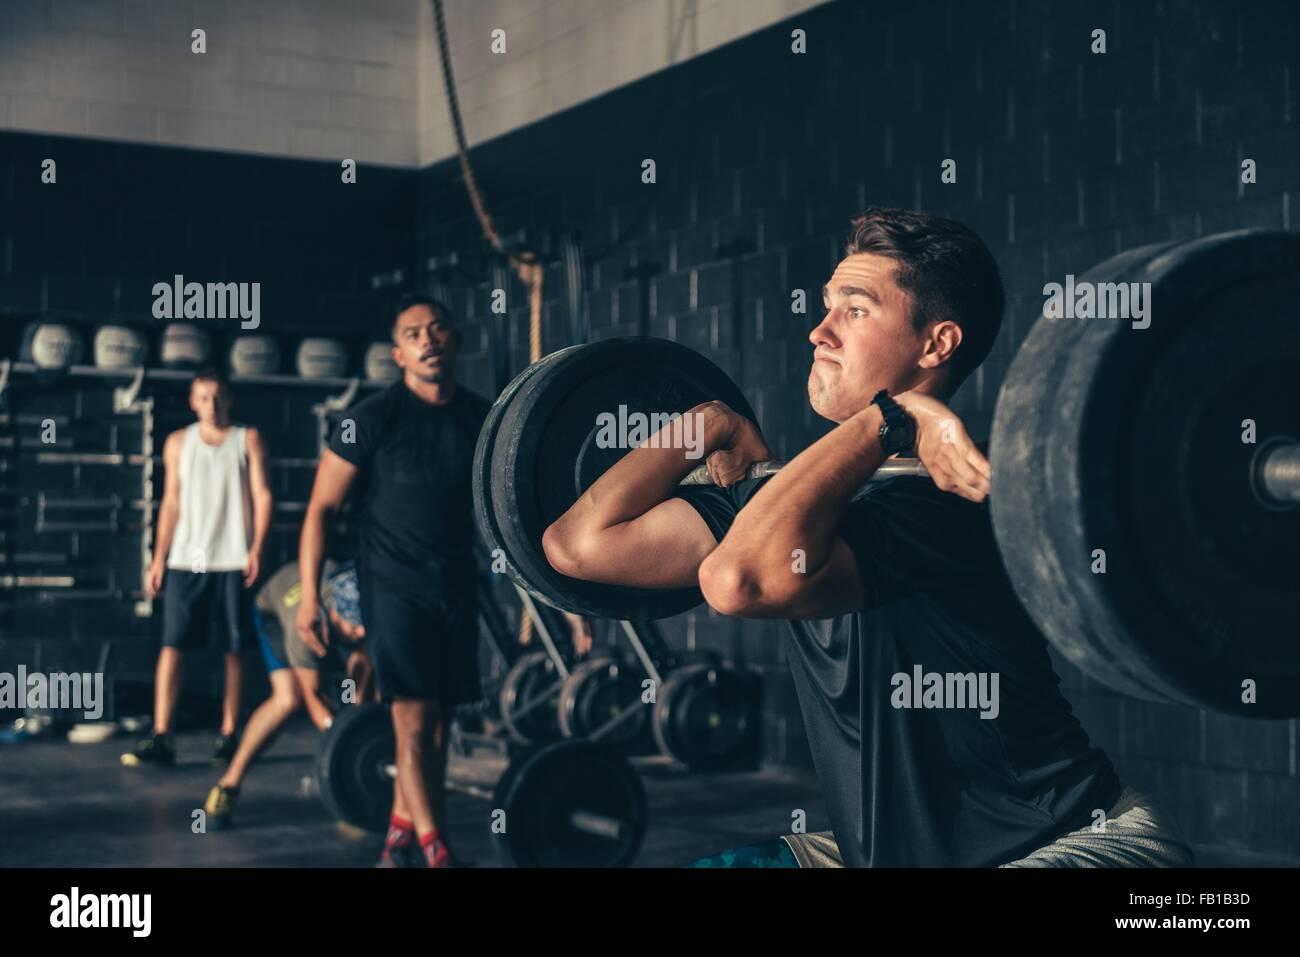 L'homme et de formation de formateurs avec barbell in gym Banque D'Images